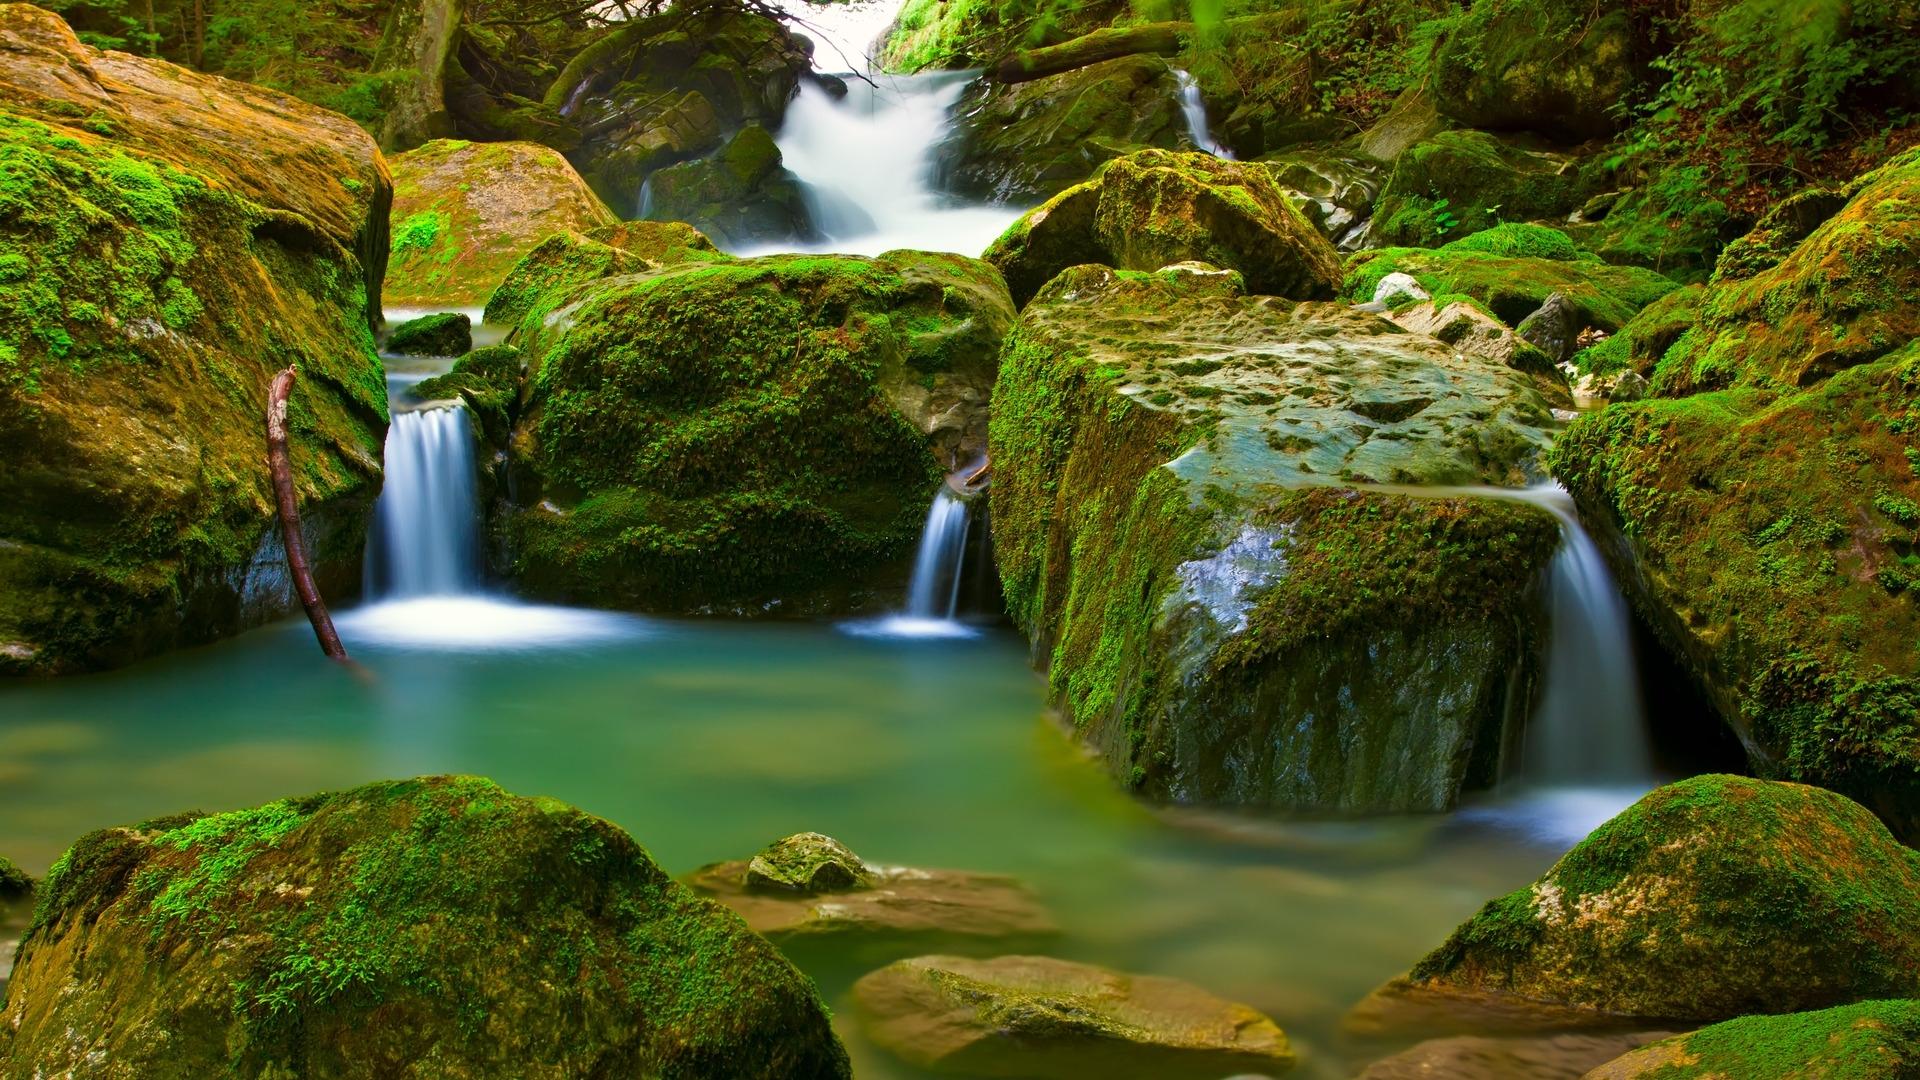 29497 скачать обои Пейзаж, Водопады - заставки и картинки бесплатно